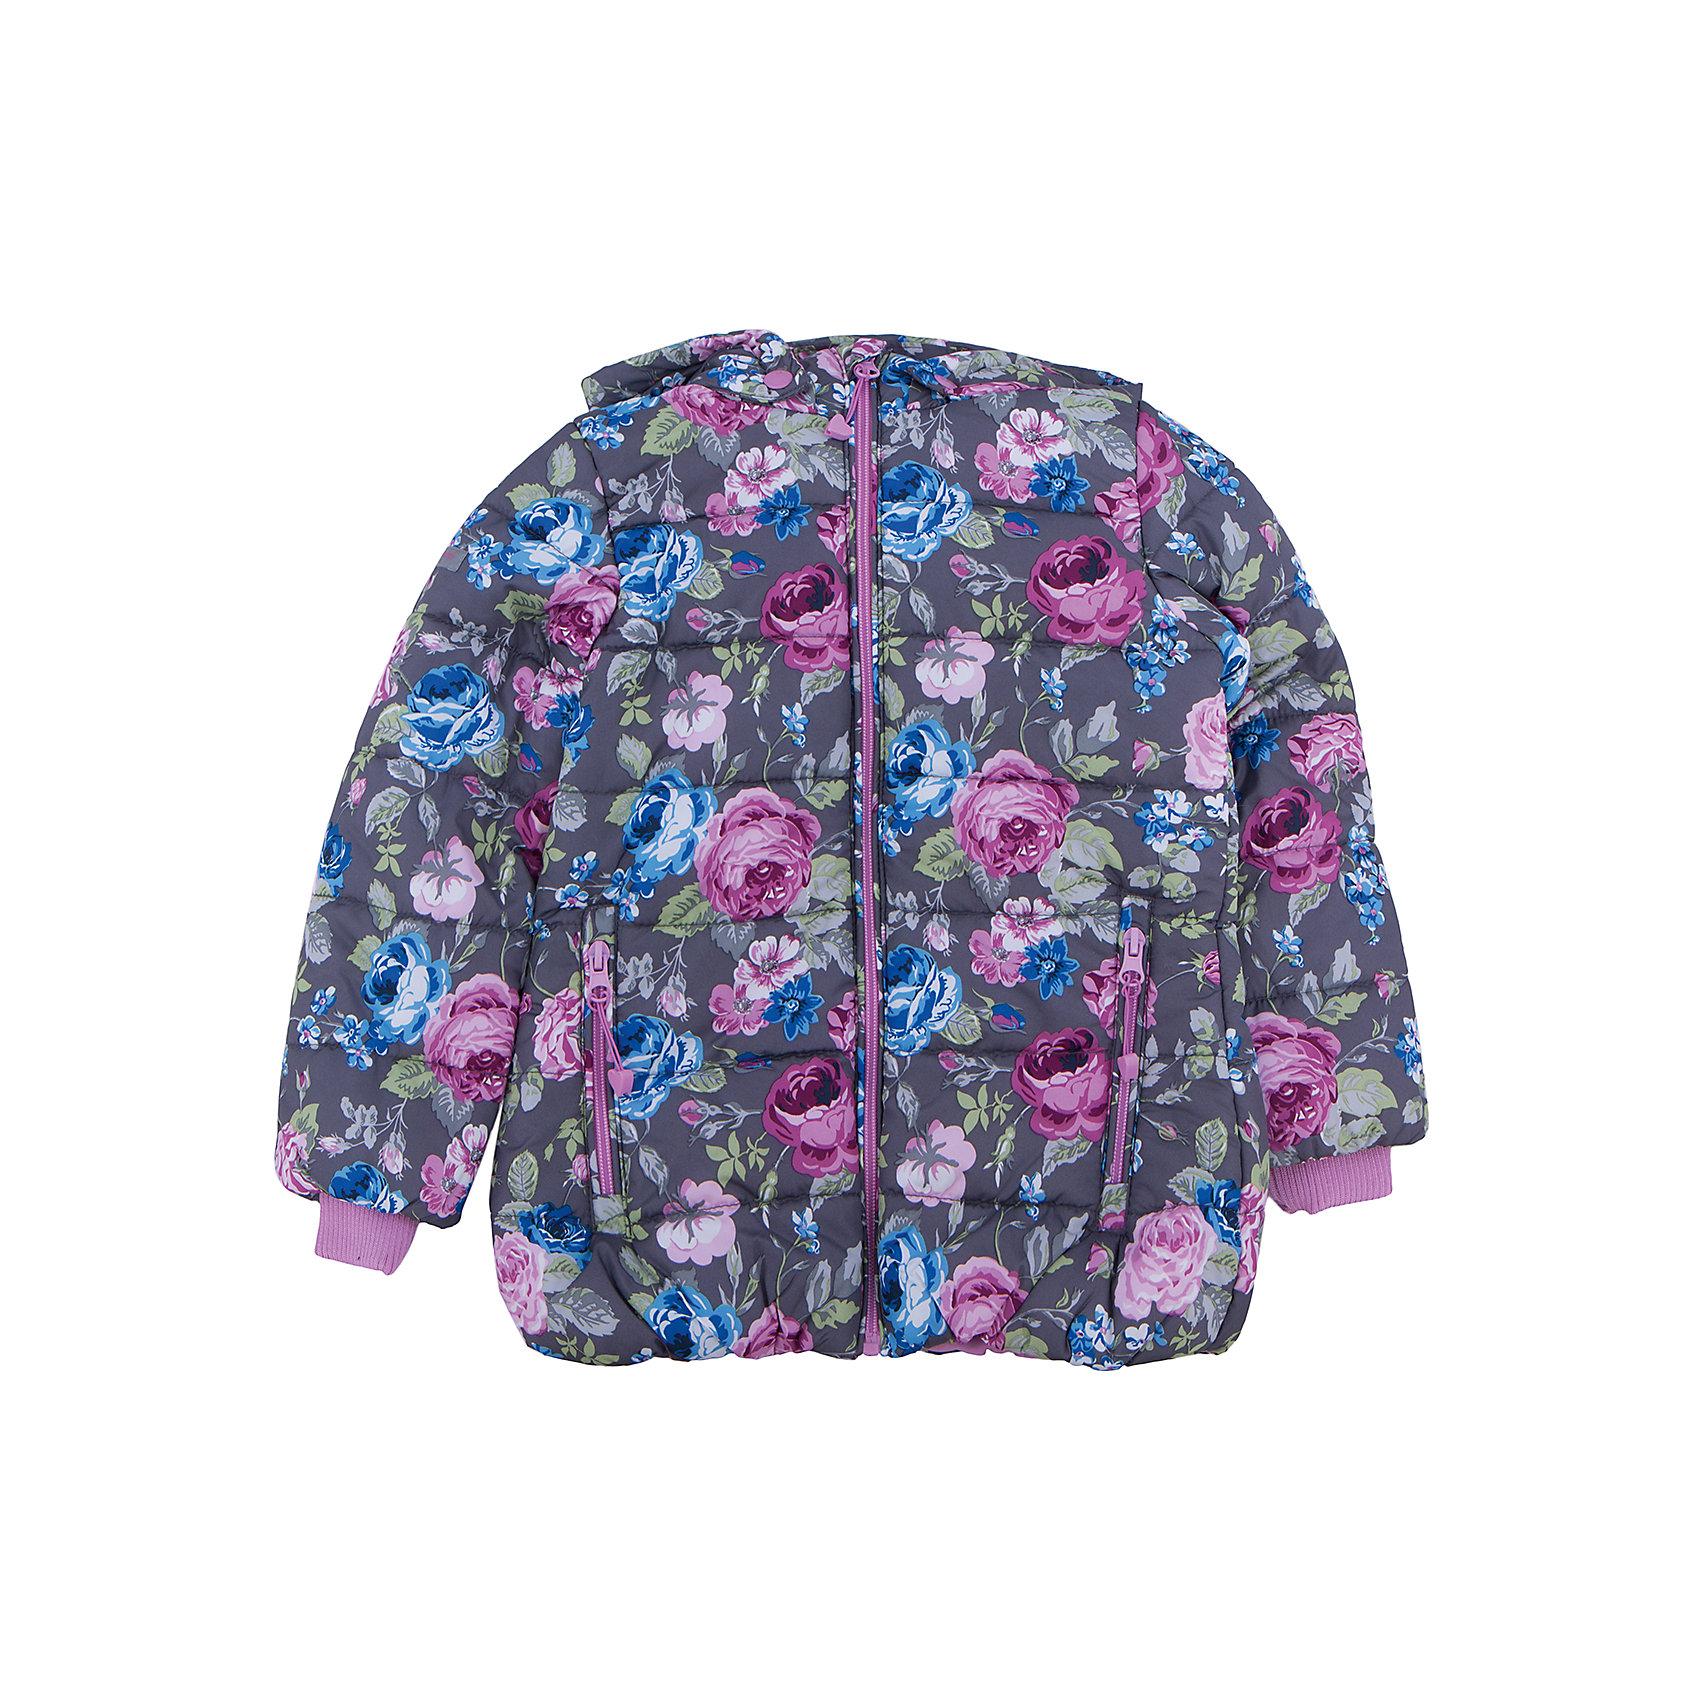 Куртка для девочки PlayTodayВерхняя одежда<br>Куртка для девочки от известного бренда PlayToday.<br>Стильная куртка с капюшоном и стежкой. Украшена нежным цветочным принтом. Застегивается на молнию с защитой подбородка и фигурным пуллером. Капюшон отстегивается и удобно утягивается стопперами. На воротнике и рукавах мягкие трикотажные манжеты. Благодаря внутренней резинке на поясе достигается максимально удобная посадка по фигуре ребенка и усиливаются теплозащитные свойства. По бокам два кармана на молнии.<br>Состав:<br>Верх: 100% полиэстер, Подкладка: 100% полиэстер, Наполнитель: 100% полиэстер, 250 г/м2<br><br>Ширина мм: 356<br>Глубина мм: 10<br>Высота мм: 245<br>Вес г: 519<br>Цвет: разноцветный<br>Возраст от месяцев: 36<br>Возраст до месяцев: 48<br>Пол: Женский<br>Возраст: Детский<br>Размер: 104,122,128,116,110,98<br>SKU: 4896931